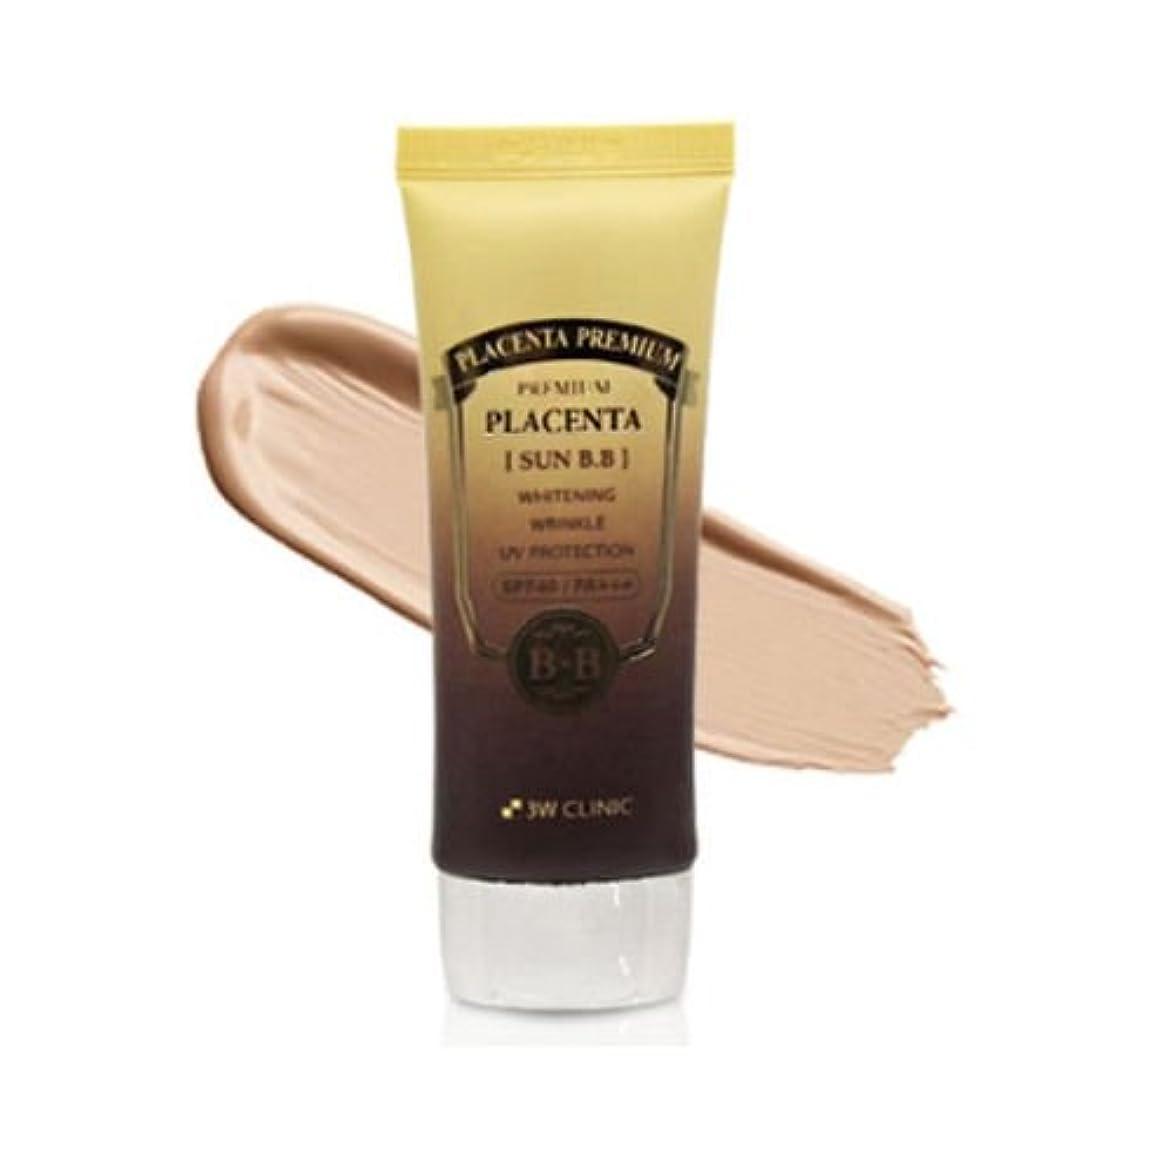 続ける彼らの騙す3Wクリニック[韓国コスメ3w Clinic]Premium Placenta Sun BB Cream プレミアムプラセンタサンBBクリーム70ml SPF40 PA+++ UV しわ管理[並行輸入品]